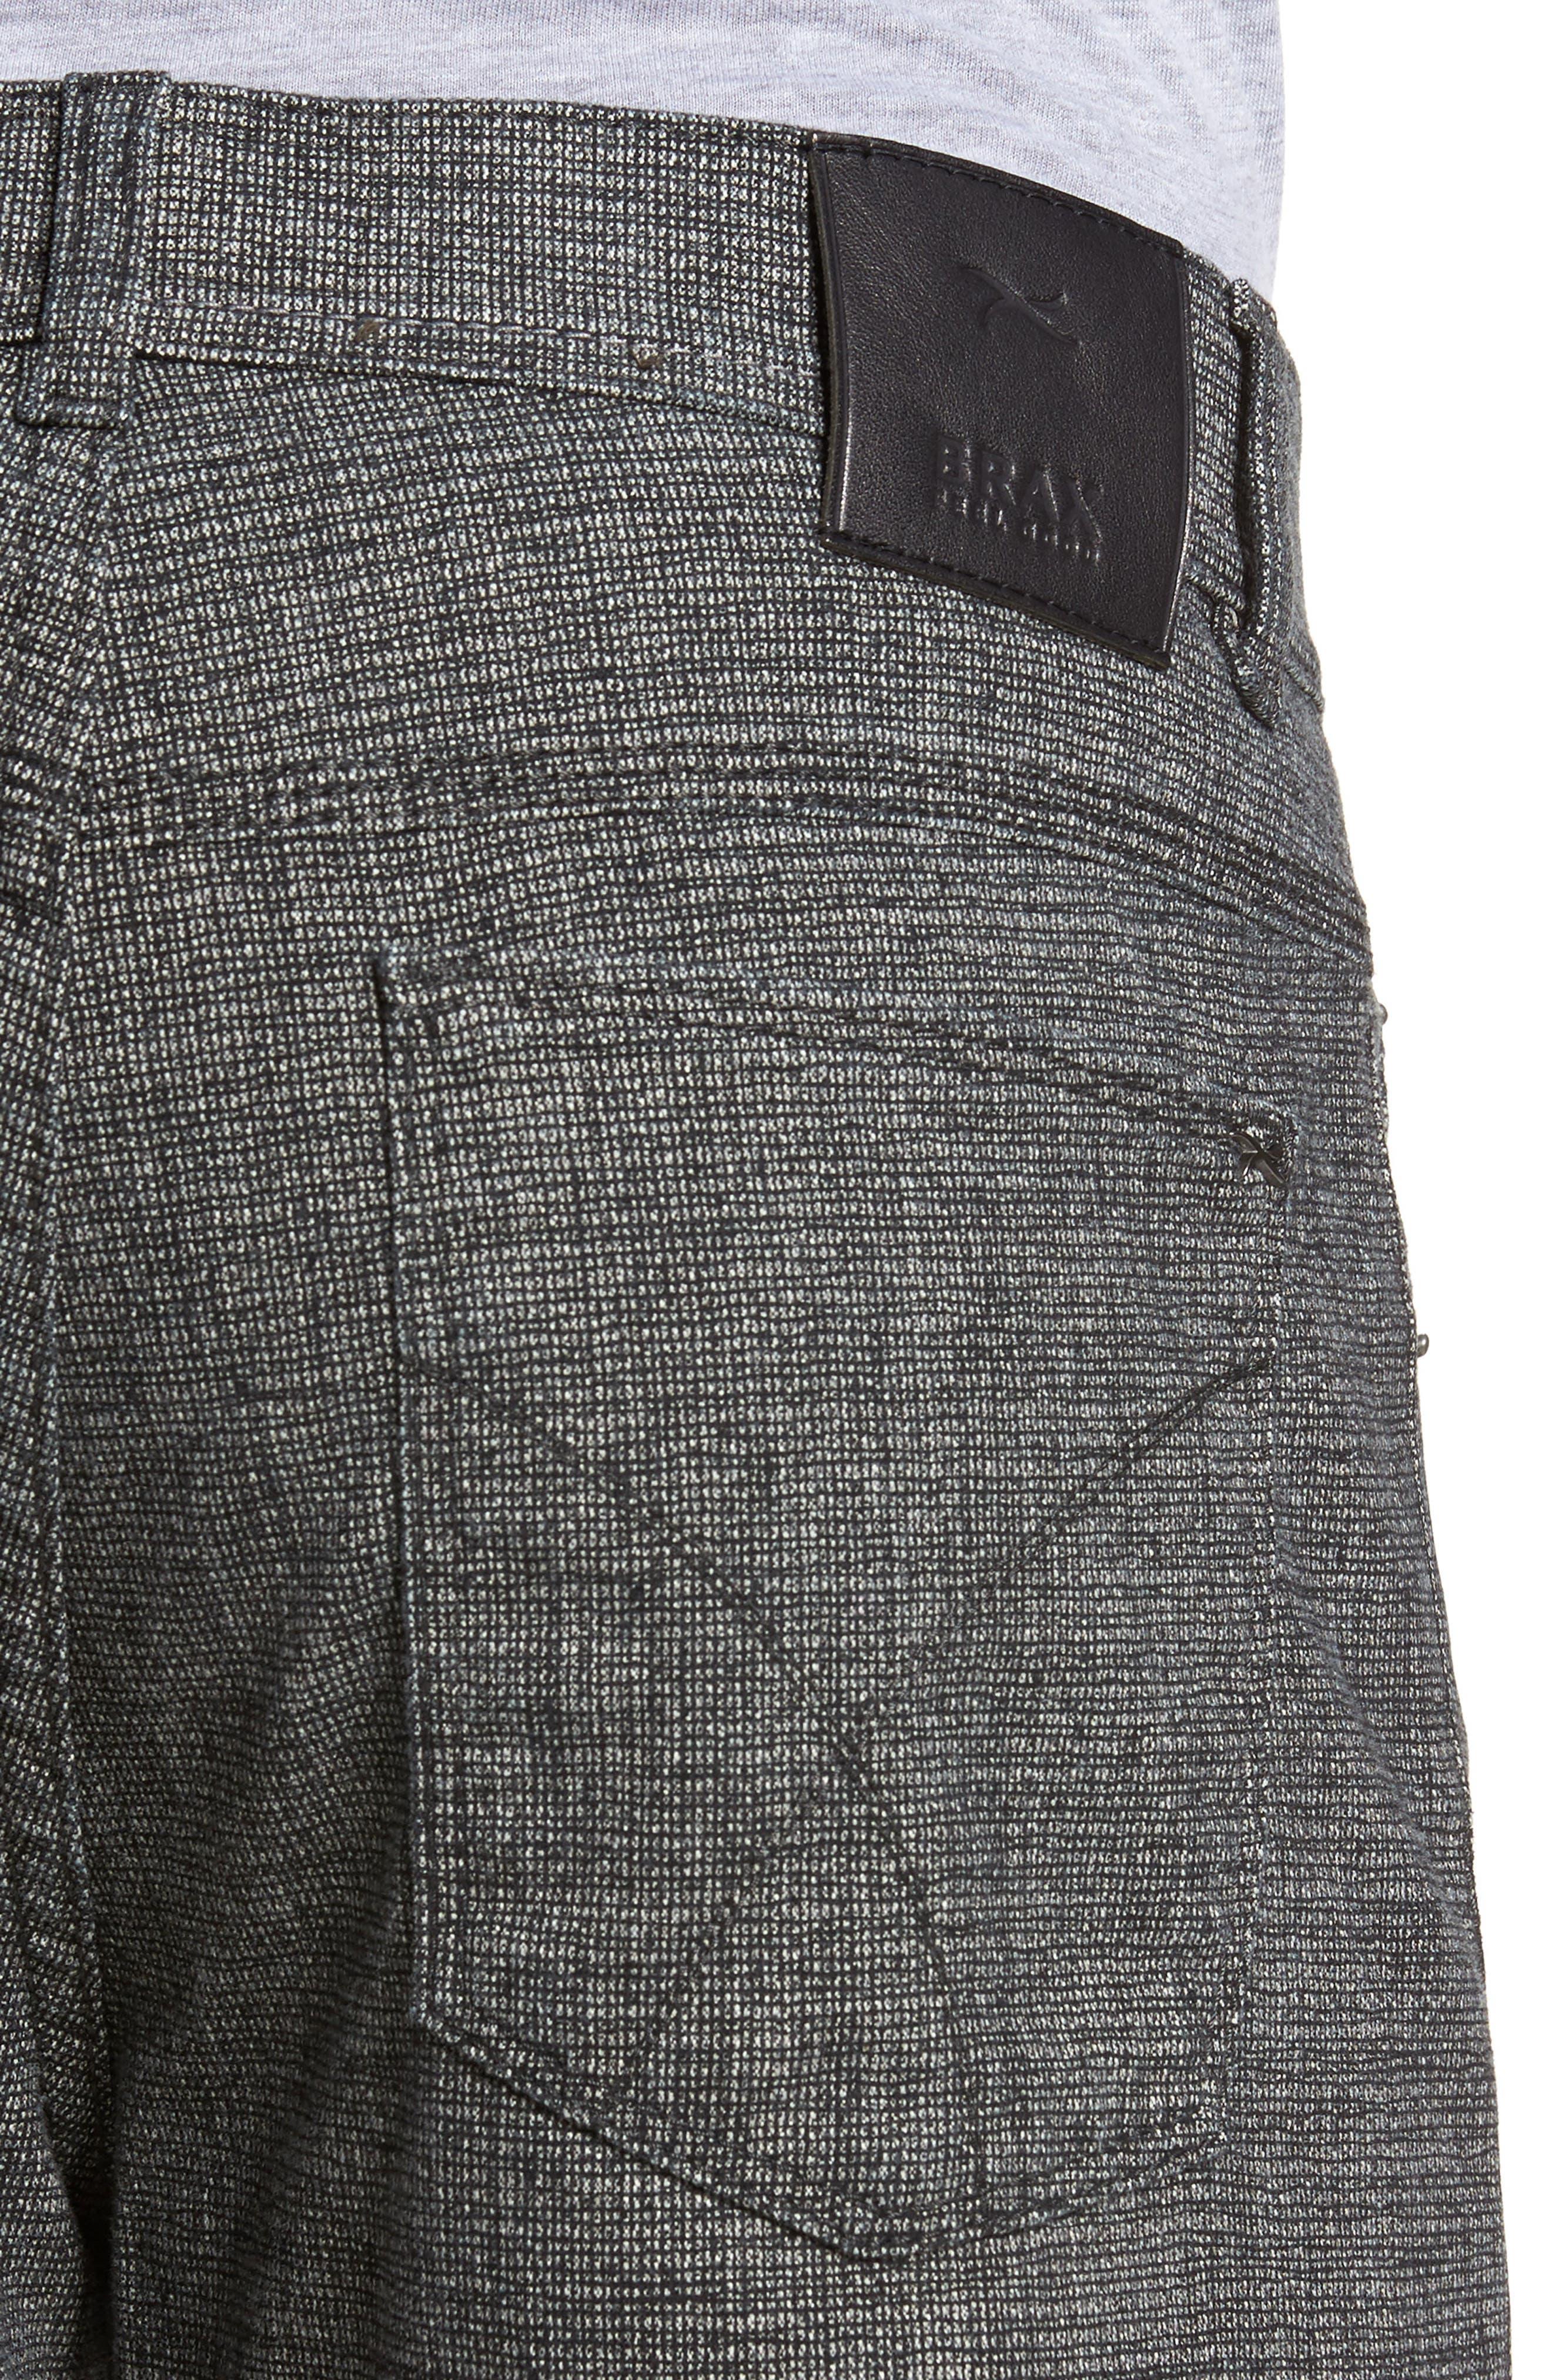 Cotton Blend Five-Pocket Trousers,                             Alternate thumbnail 4, color,                             005